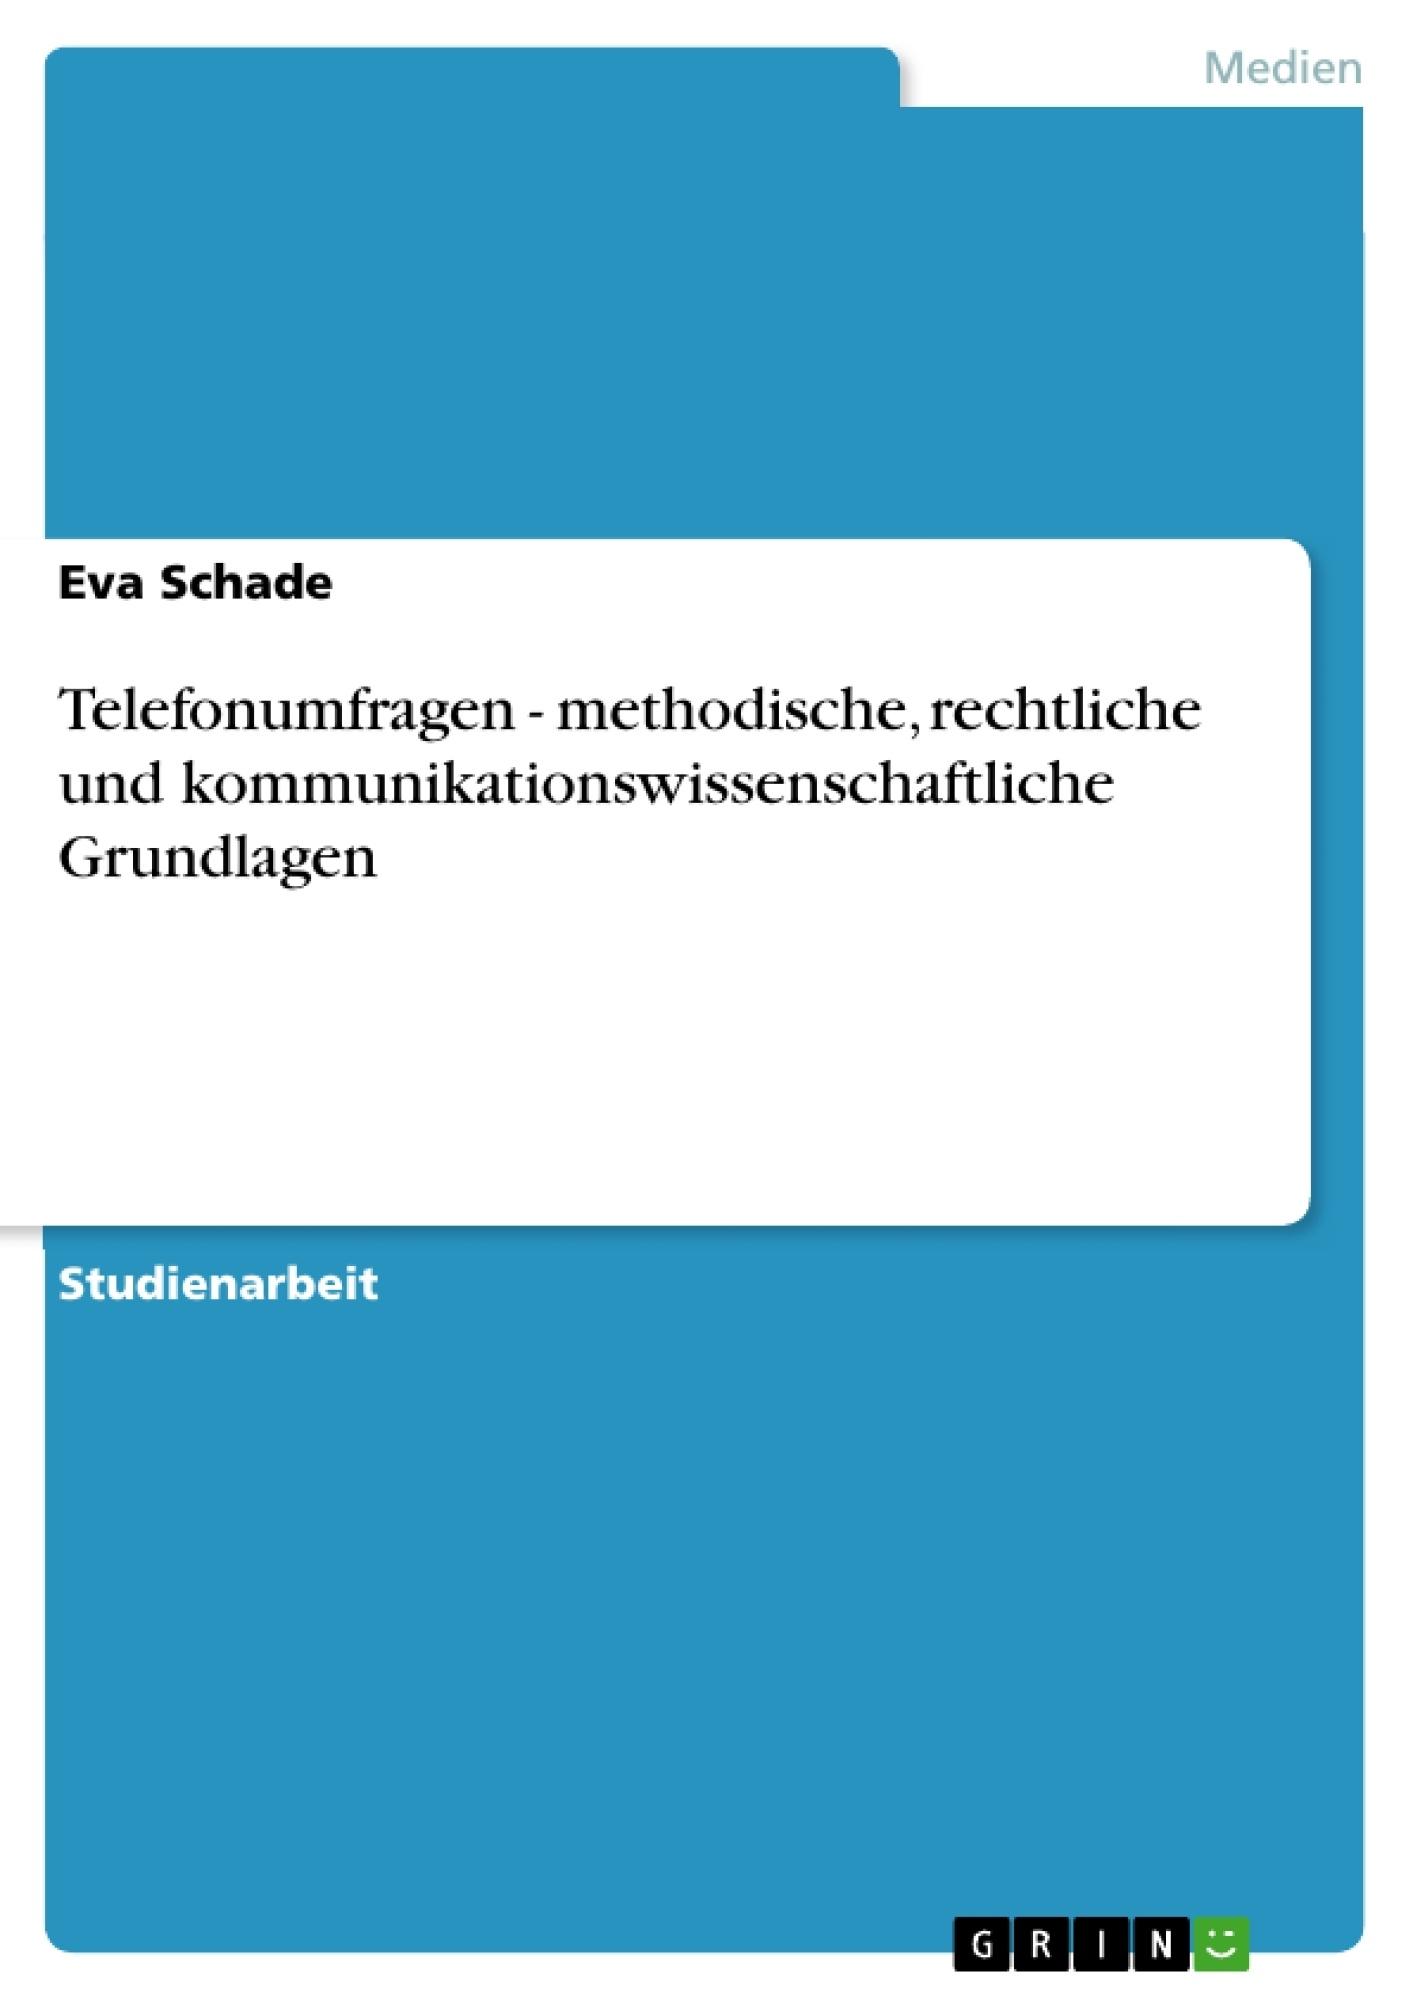 Titel: Telefonumfragen - methodische, rechtliche und kommunikationswissenschaftliche Grundlagen